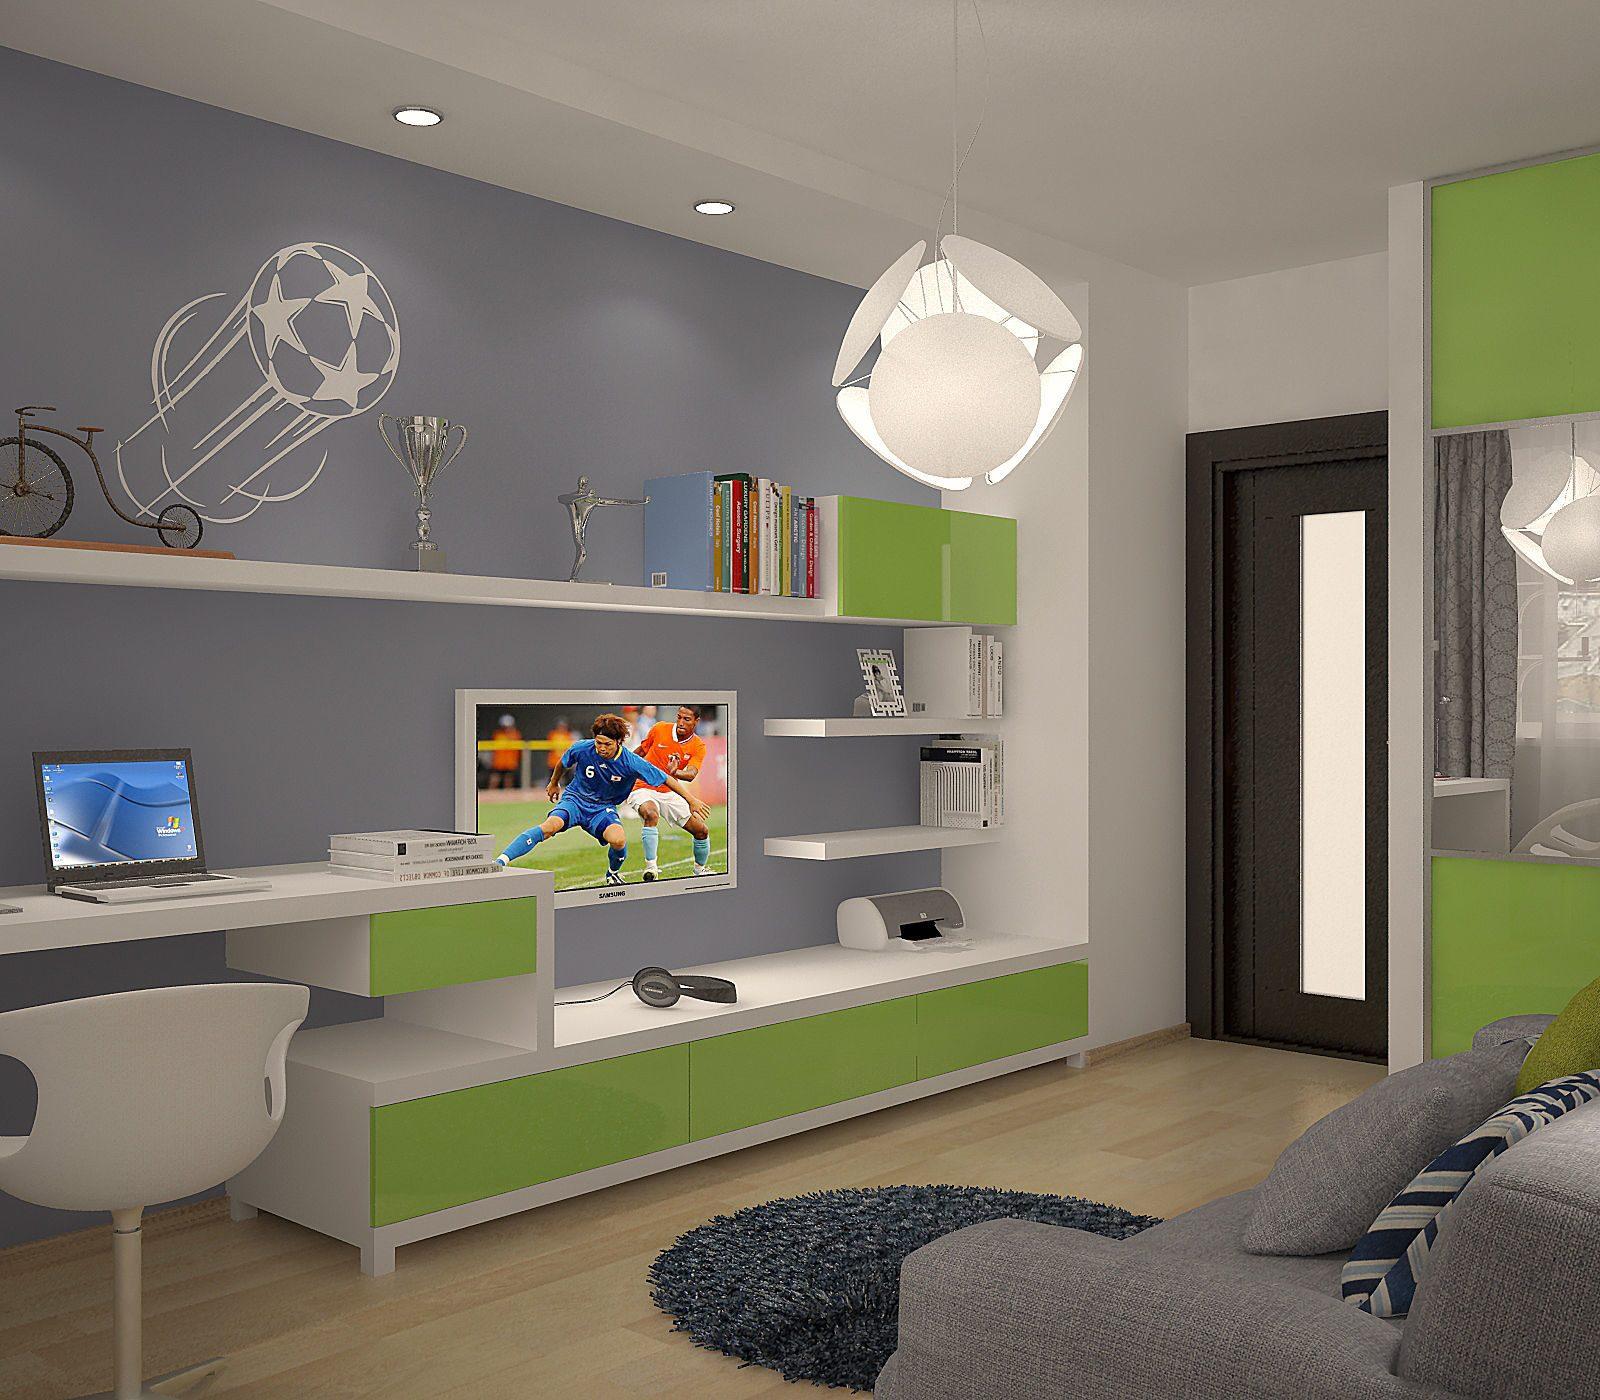 дизайн детской комнаты фото варианты